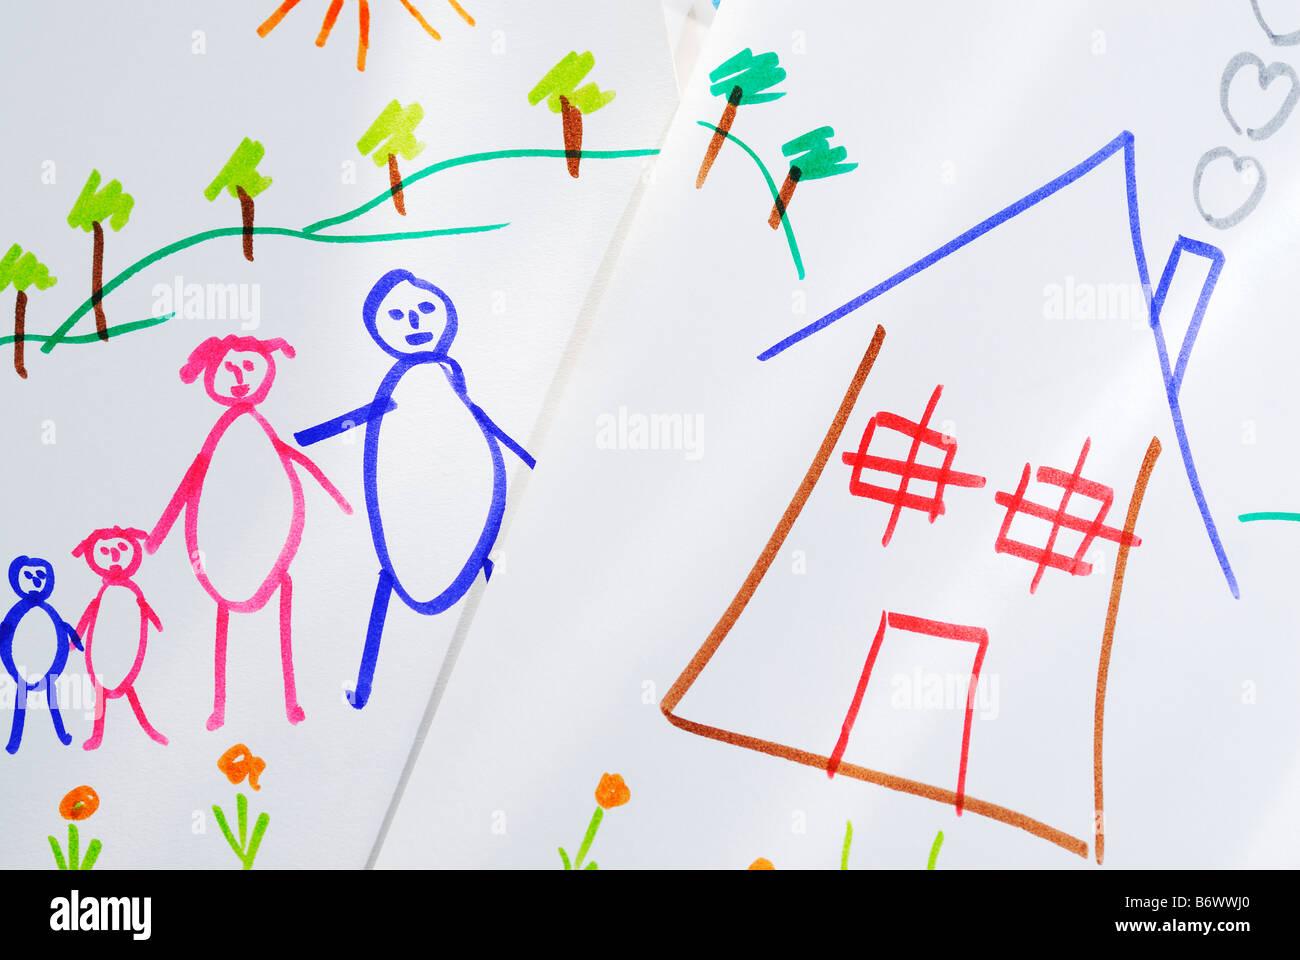 Kindlichen Zeichnungen von Haus und Familie Stockbild